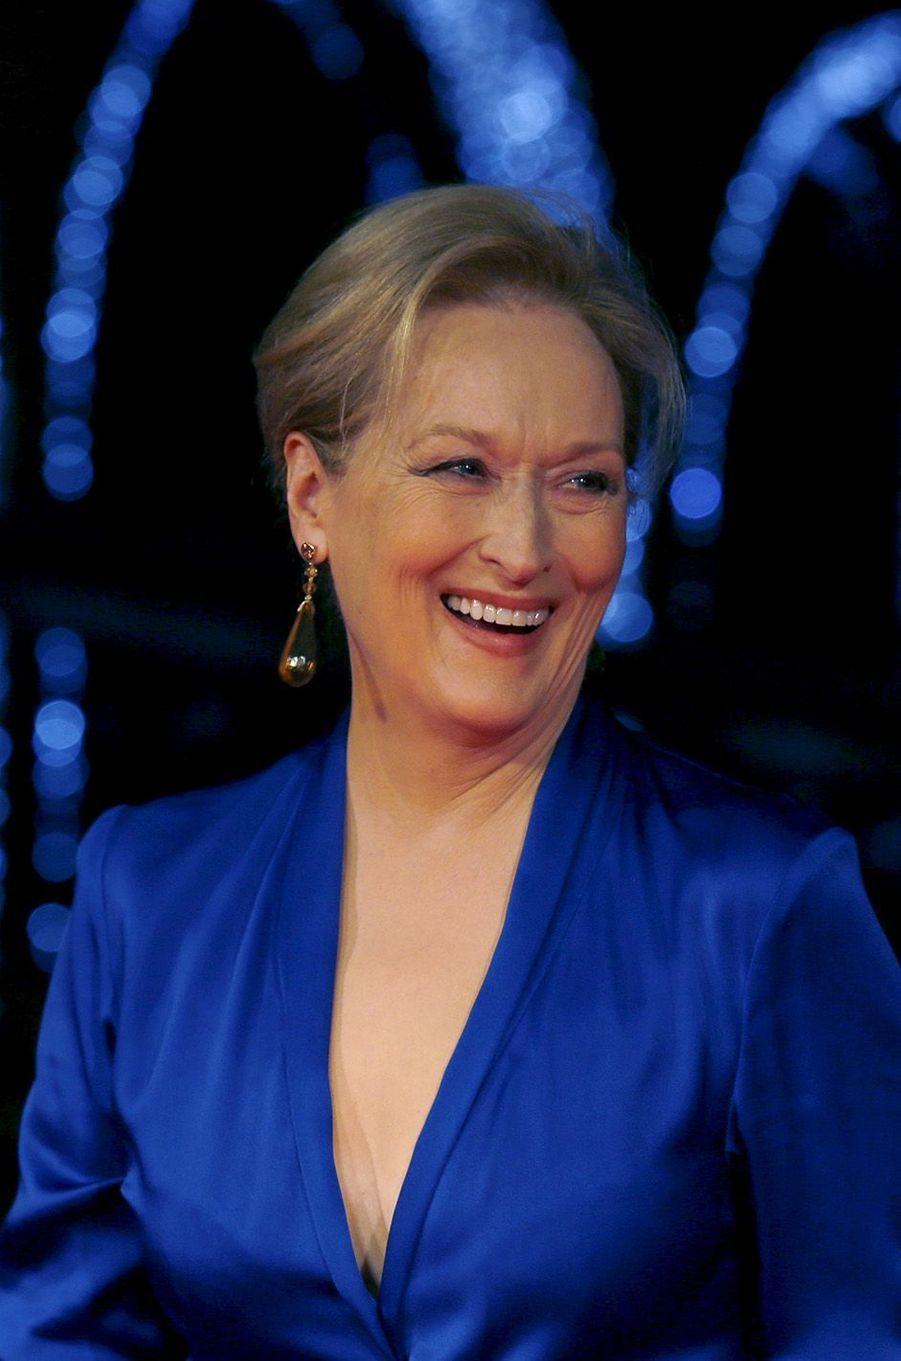 15. Meryl Streep